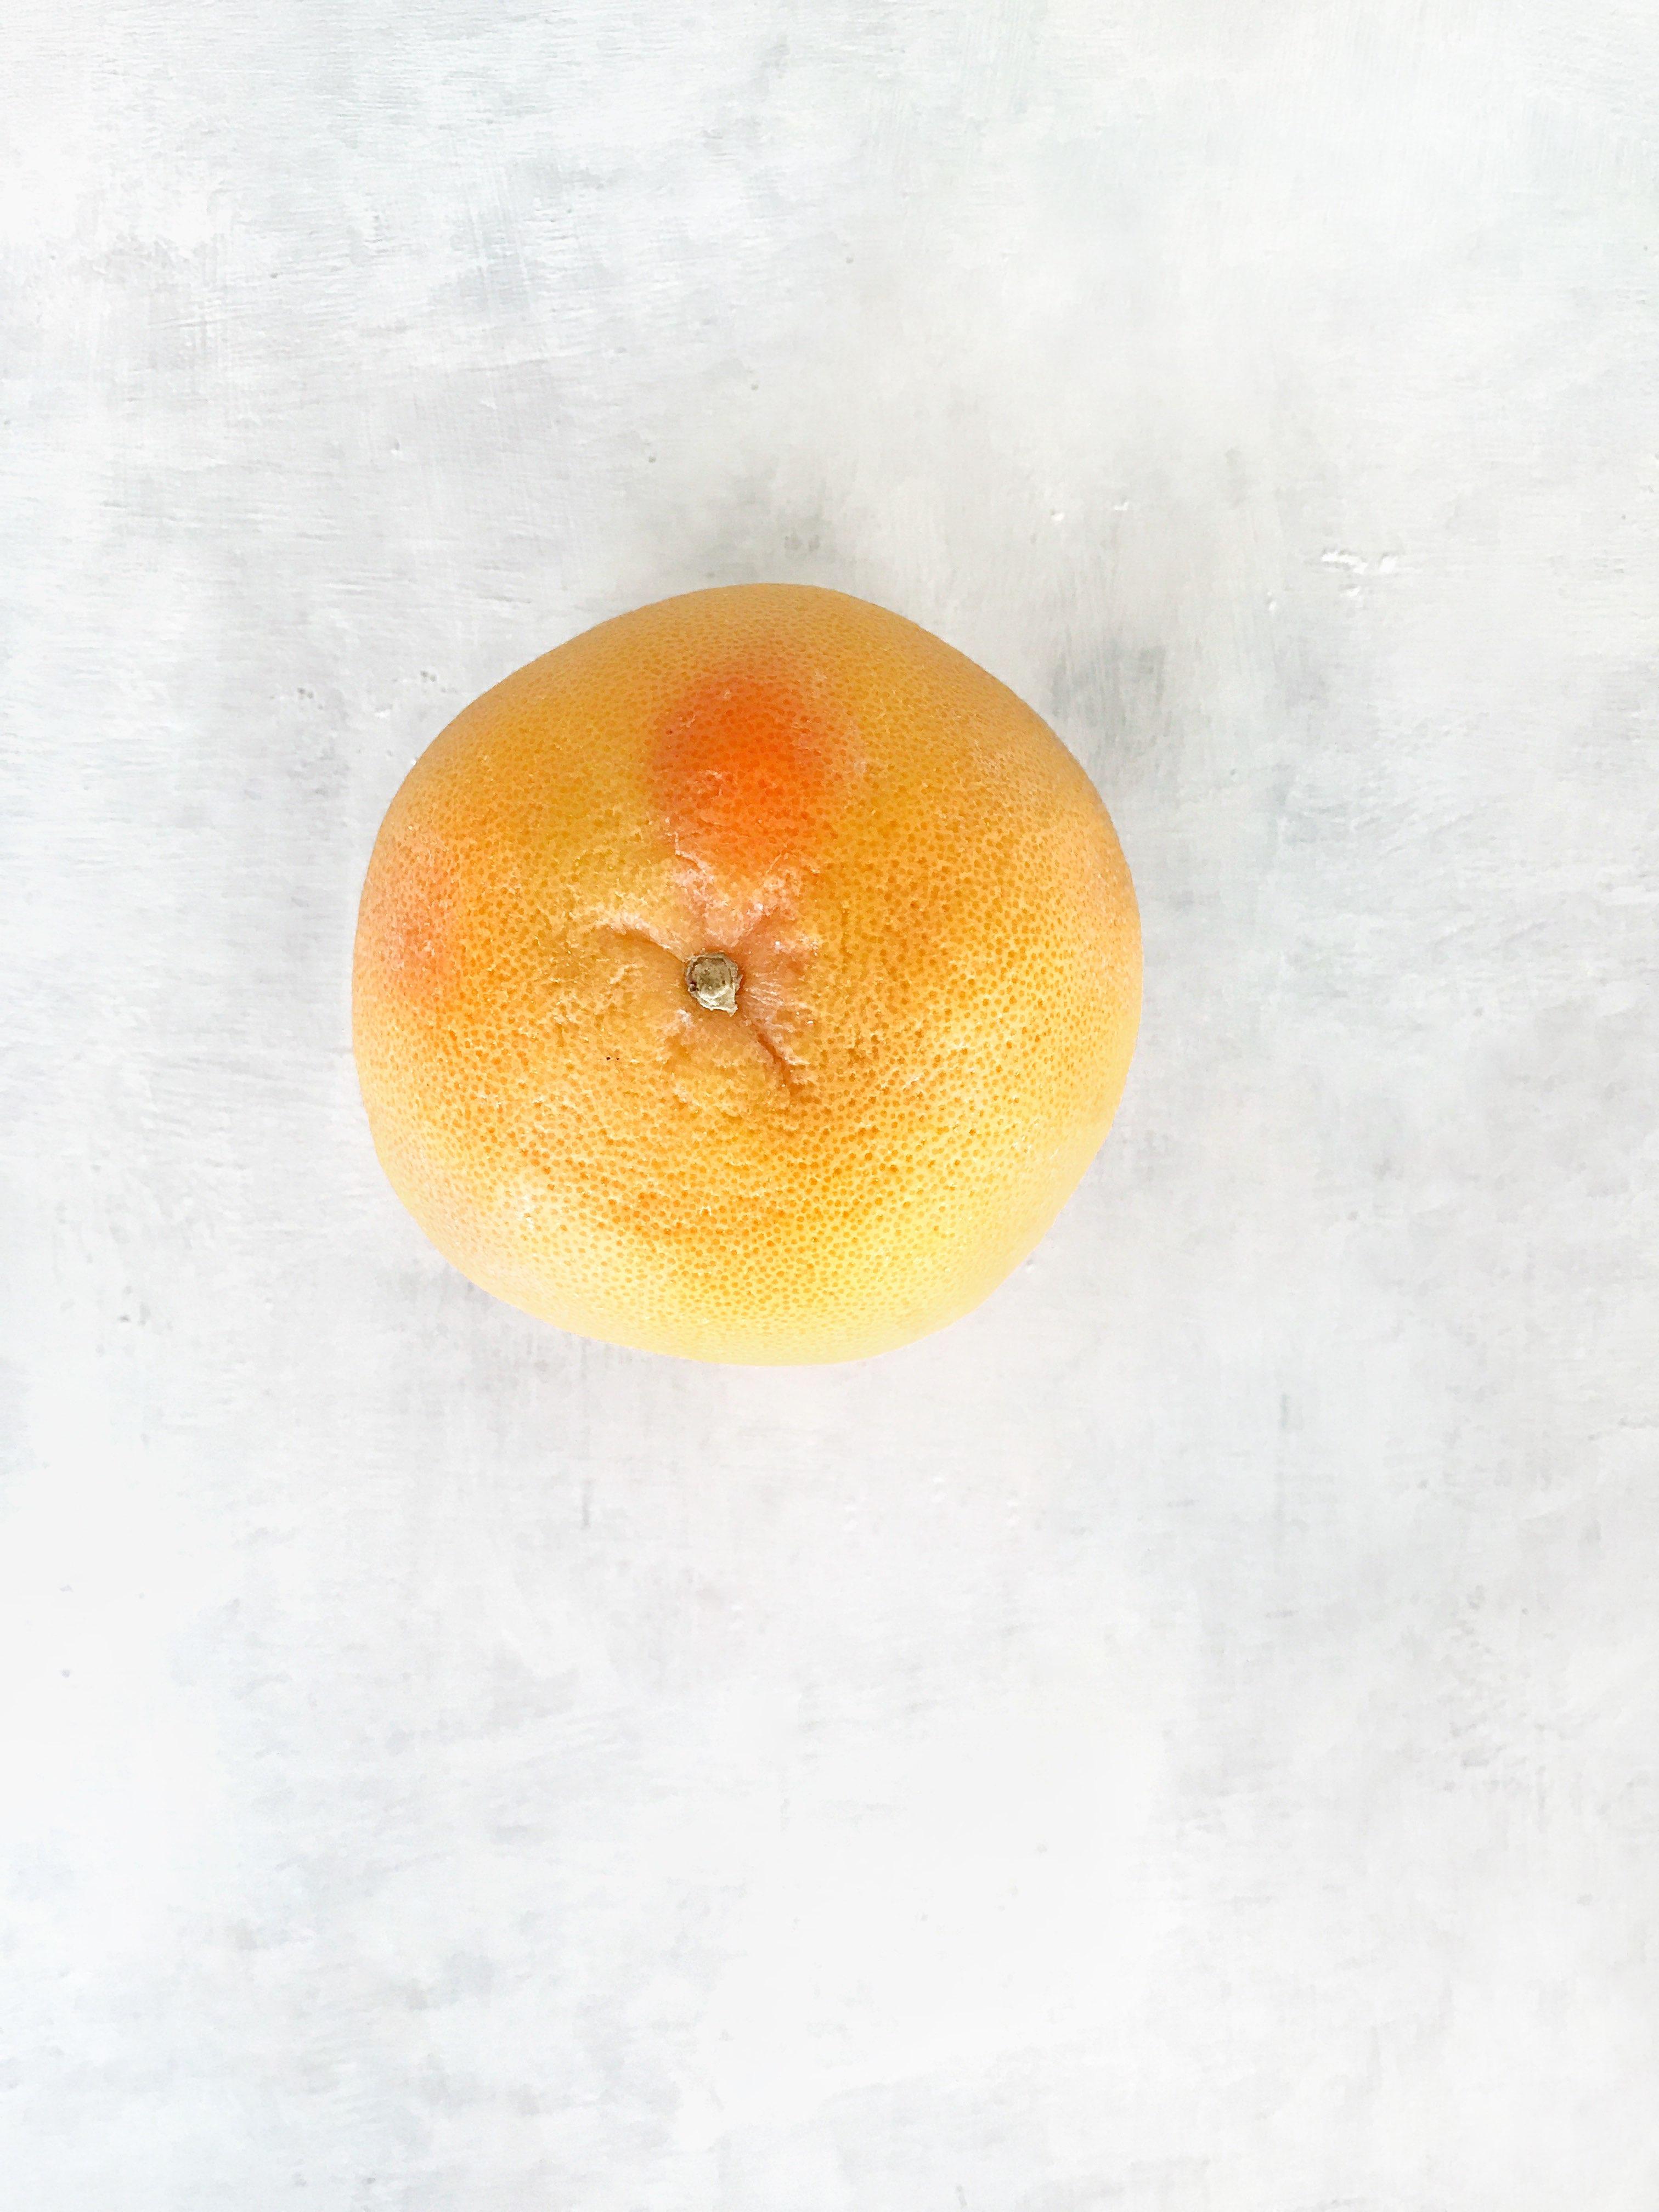 whole grapefruit